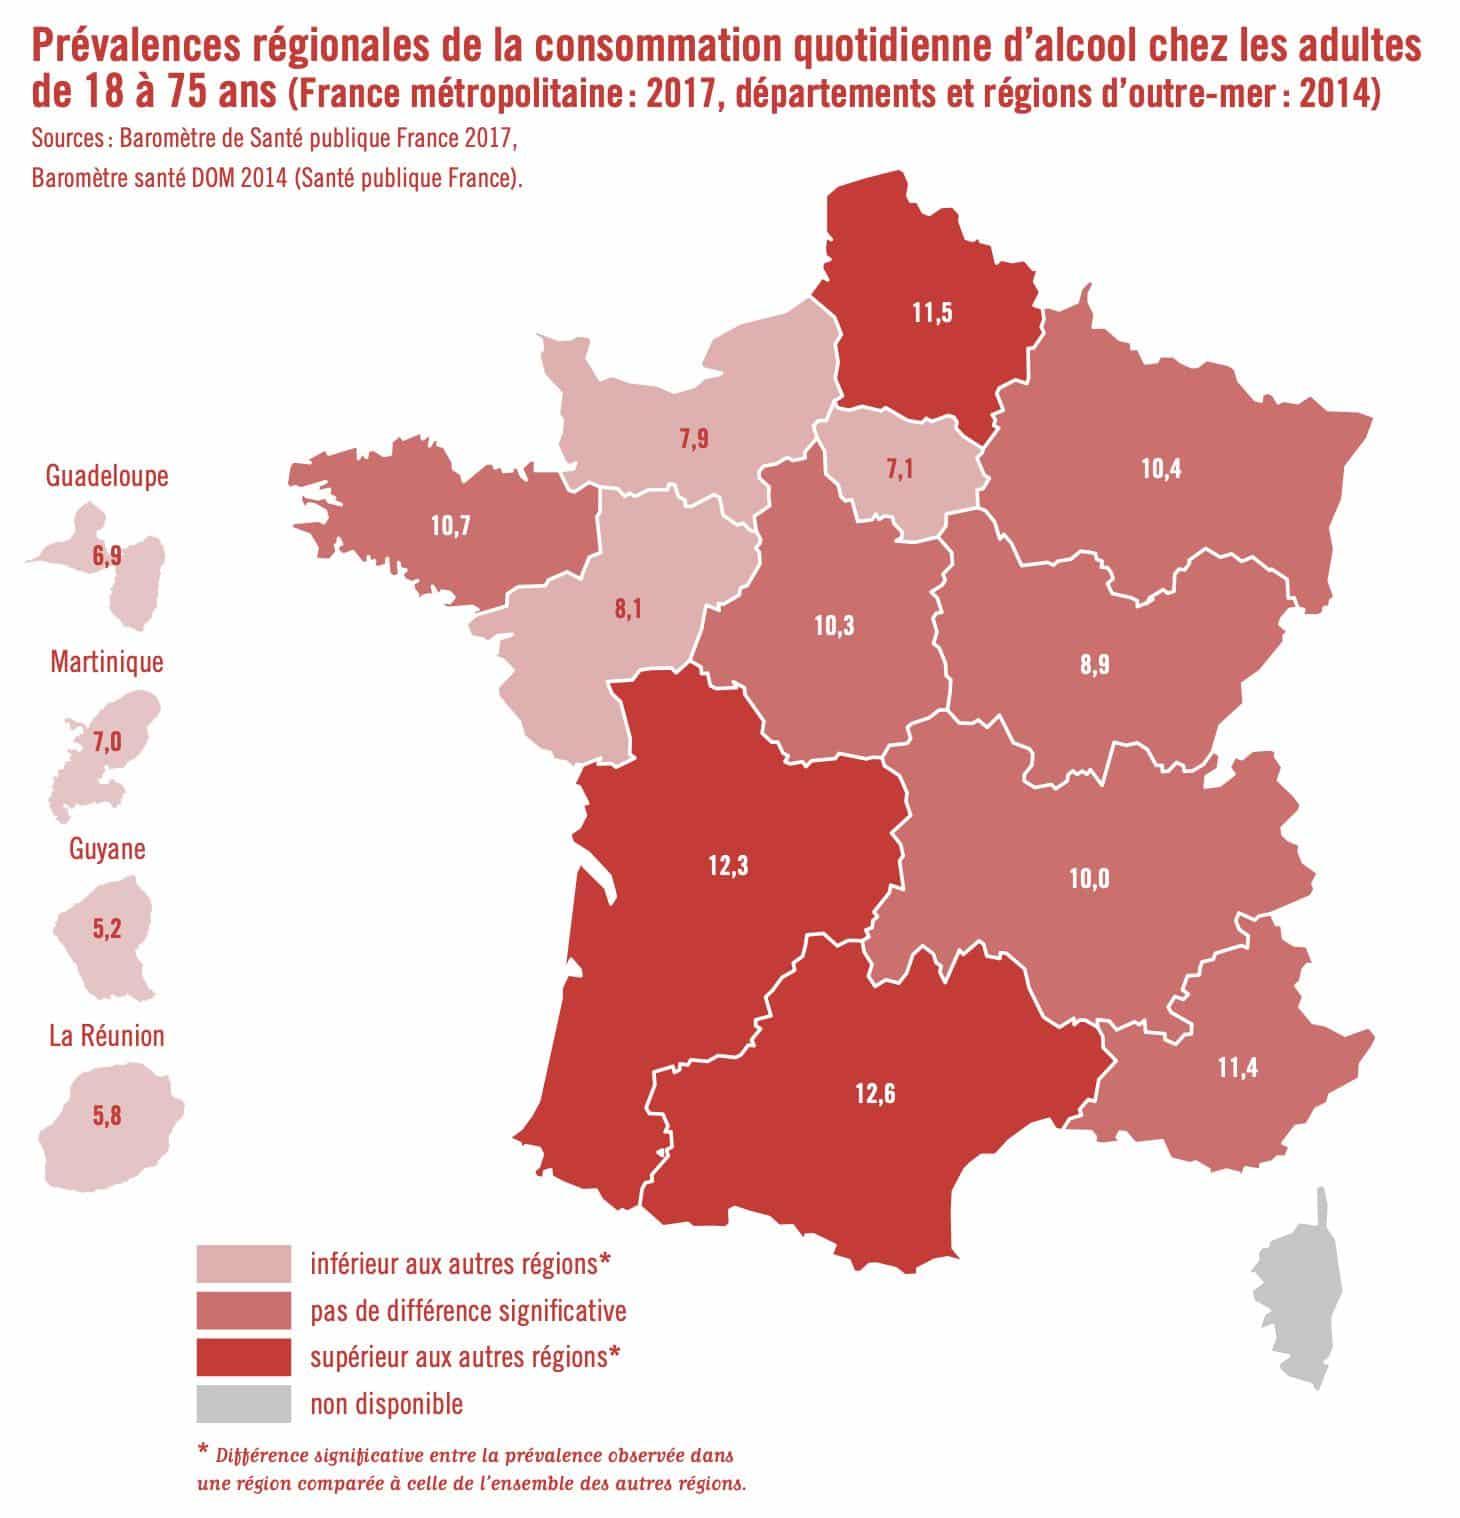 Prévalences régionales de la consommation quotidienne d'alcool chez les adultes de 18 à 75 ans (France métropolitaine : 2017, départements et régions d'outre-mer : 2014)